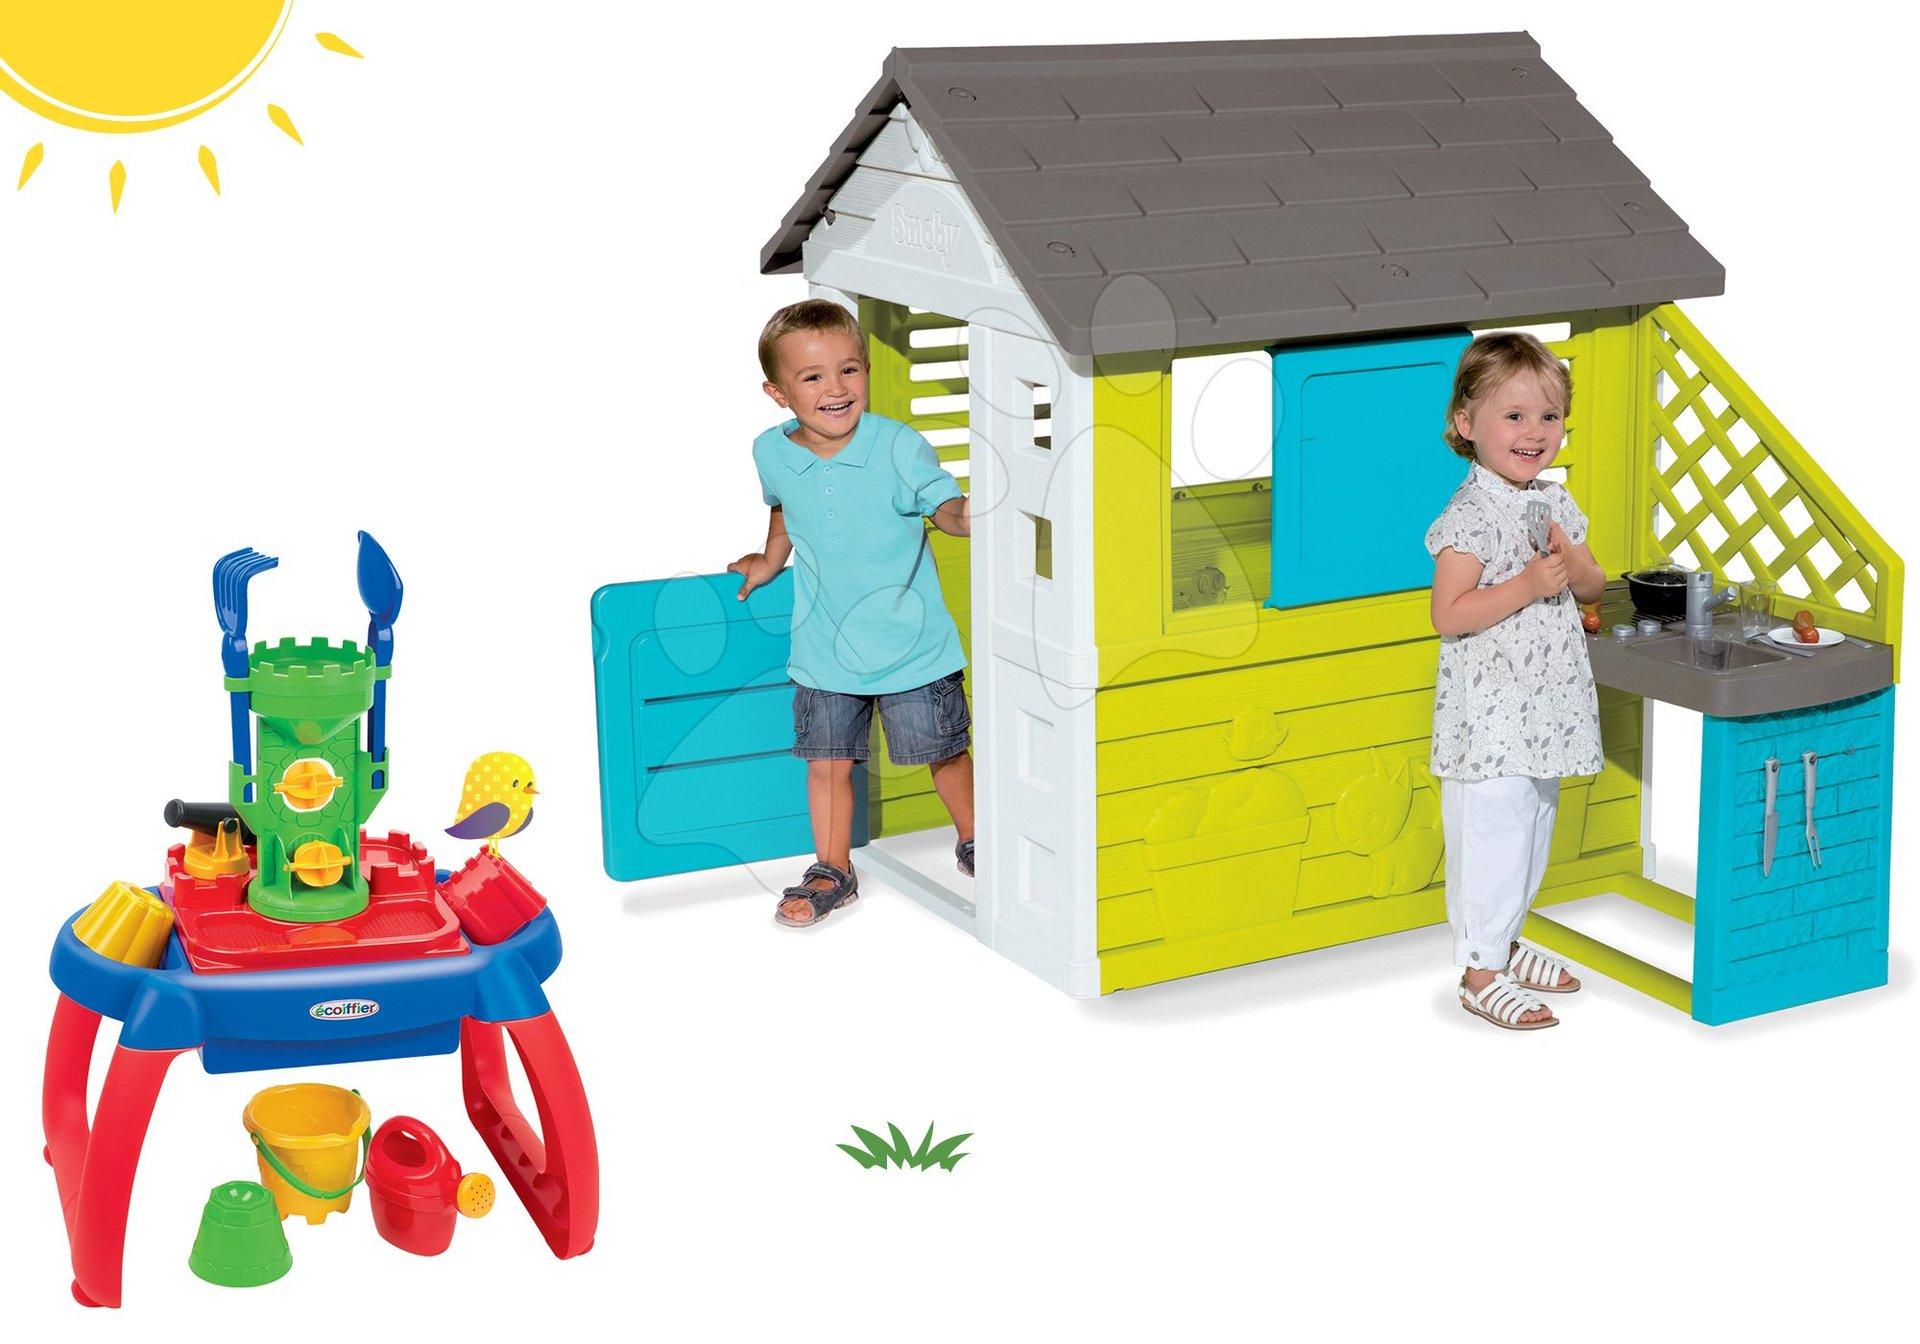 Smoby set dětský domeček Pretty Blue s letní kuchyňkou a pískoviště stolek na vodu a písek 810703-35